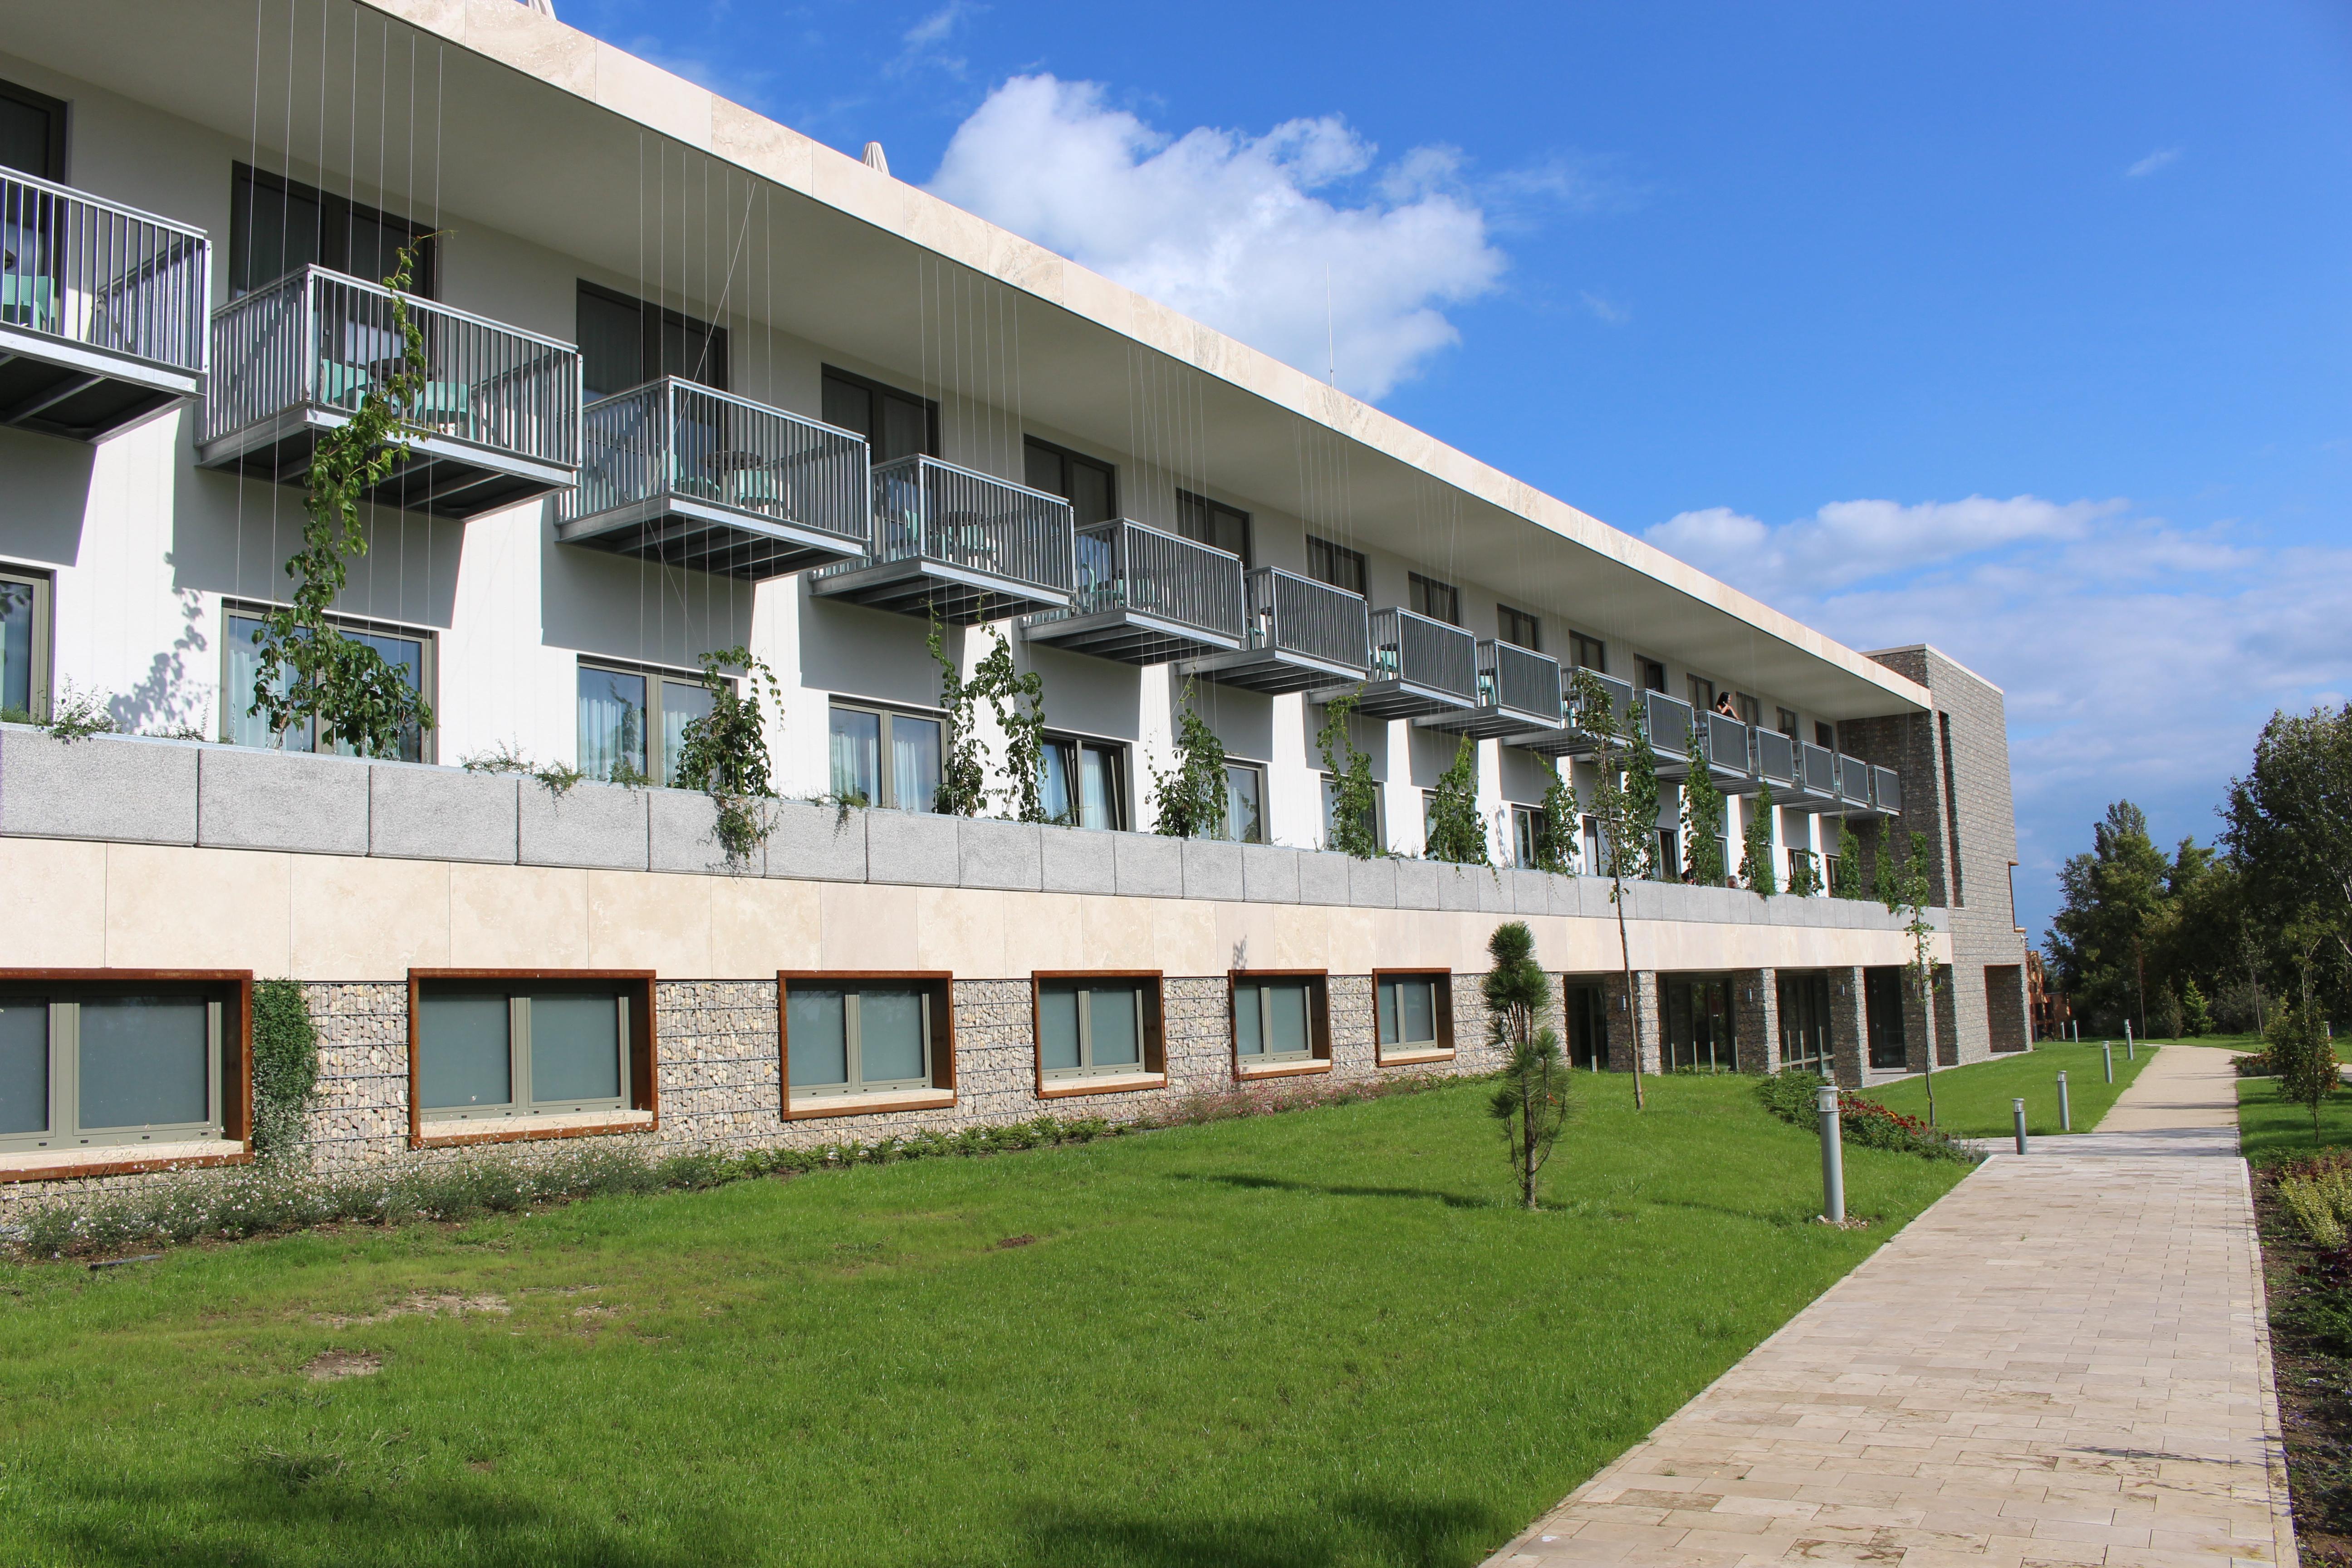 Építettek egy kollégiumot tehetséges gyerekeknek tao-pénzből, de aztán valahogy wellness hotel lett belőle